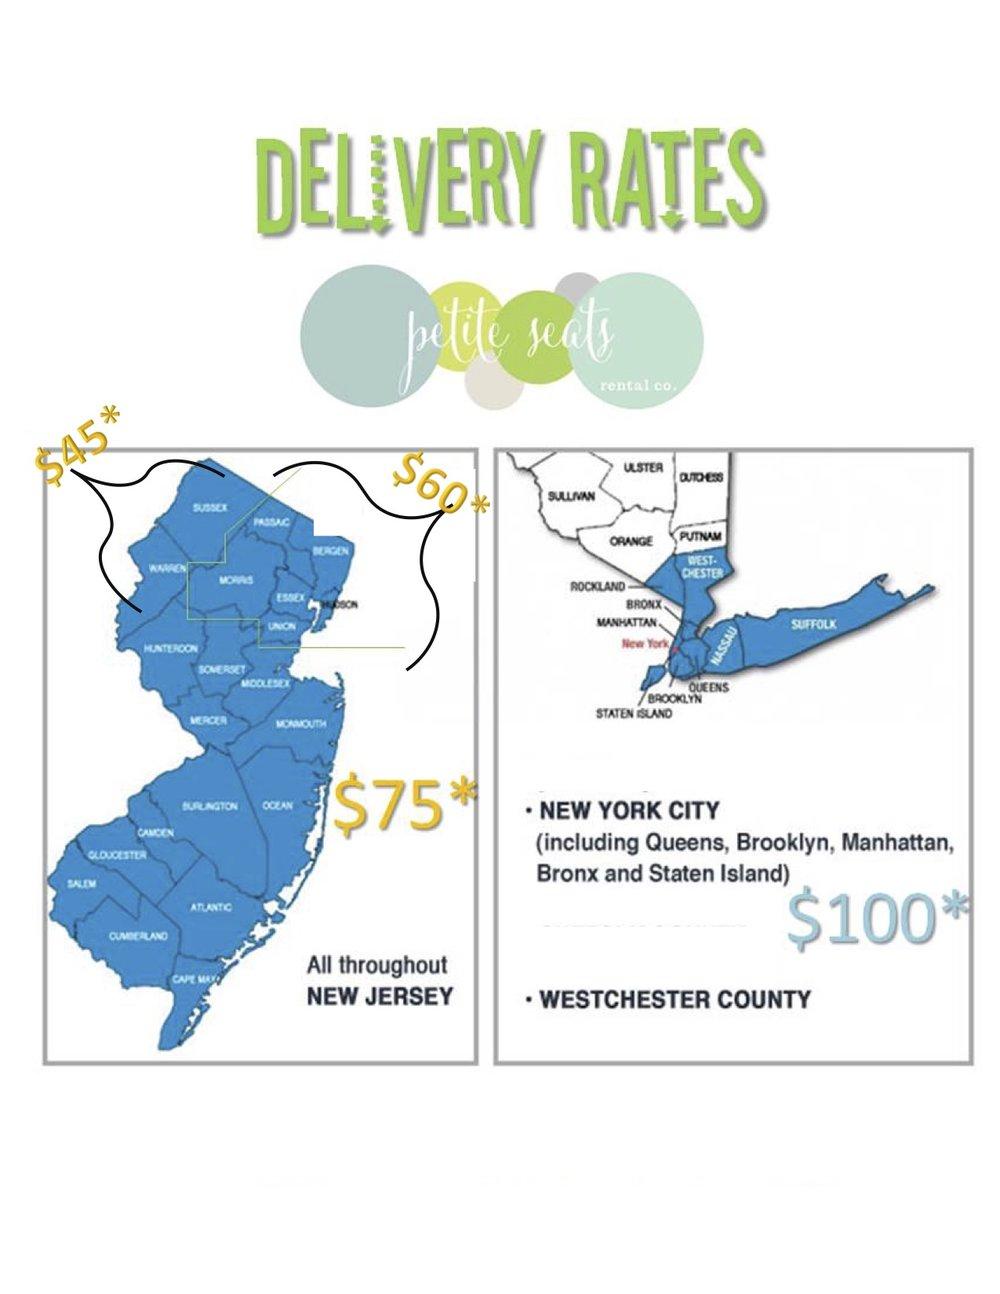 deliveryRates17 copy.jpg